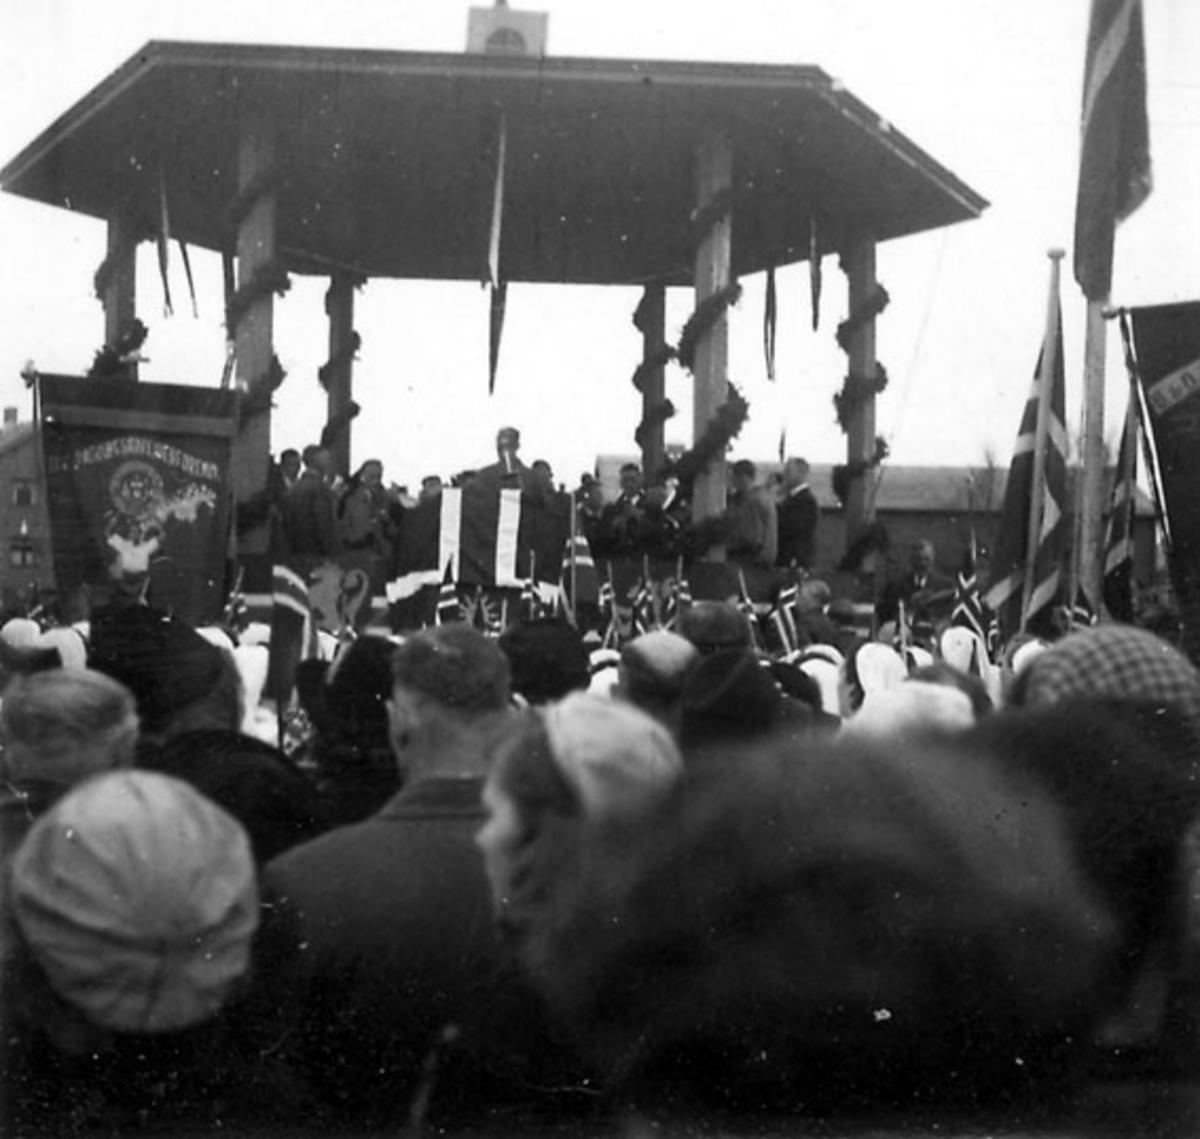 Frigjøringsdagene i Bodø etter krigen 1940 - 1945. Mange personer samlet ved paviljong. En holder tale. Ant. fra Solparken.